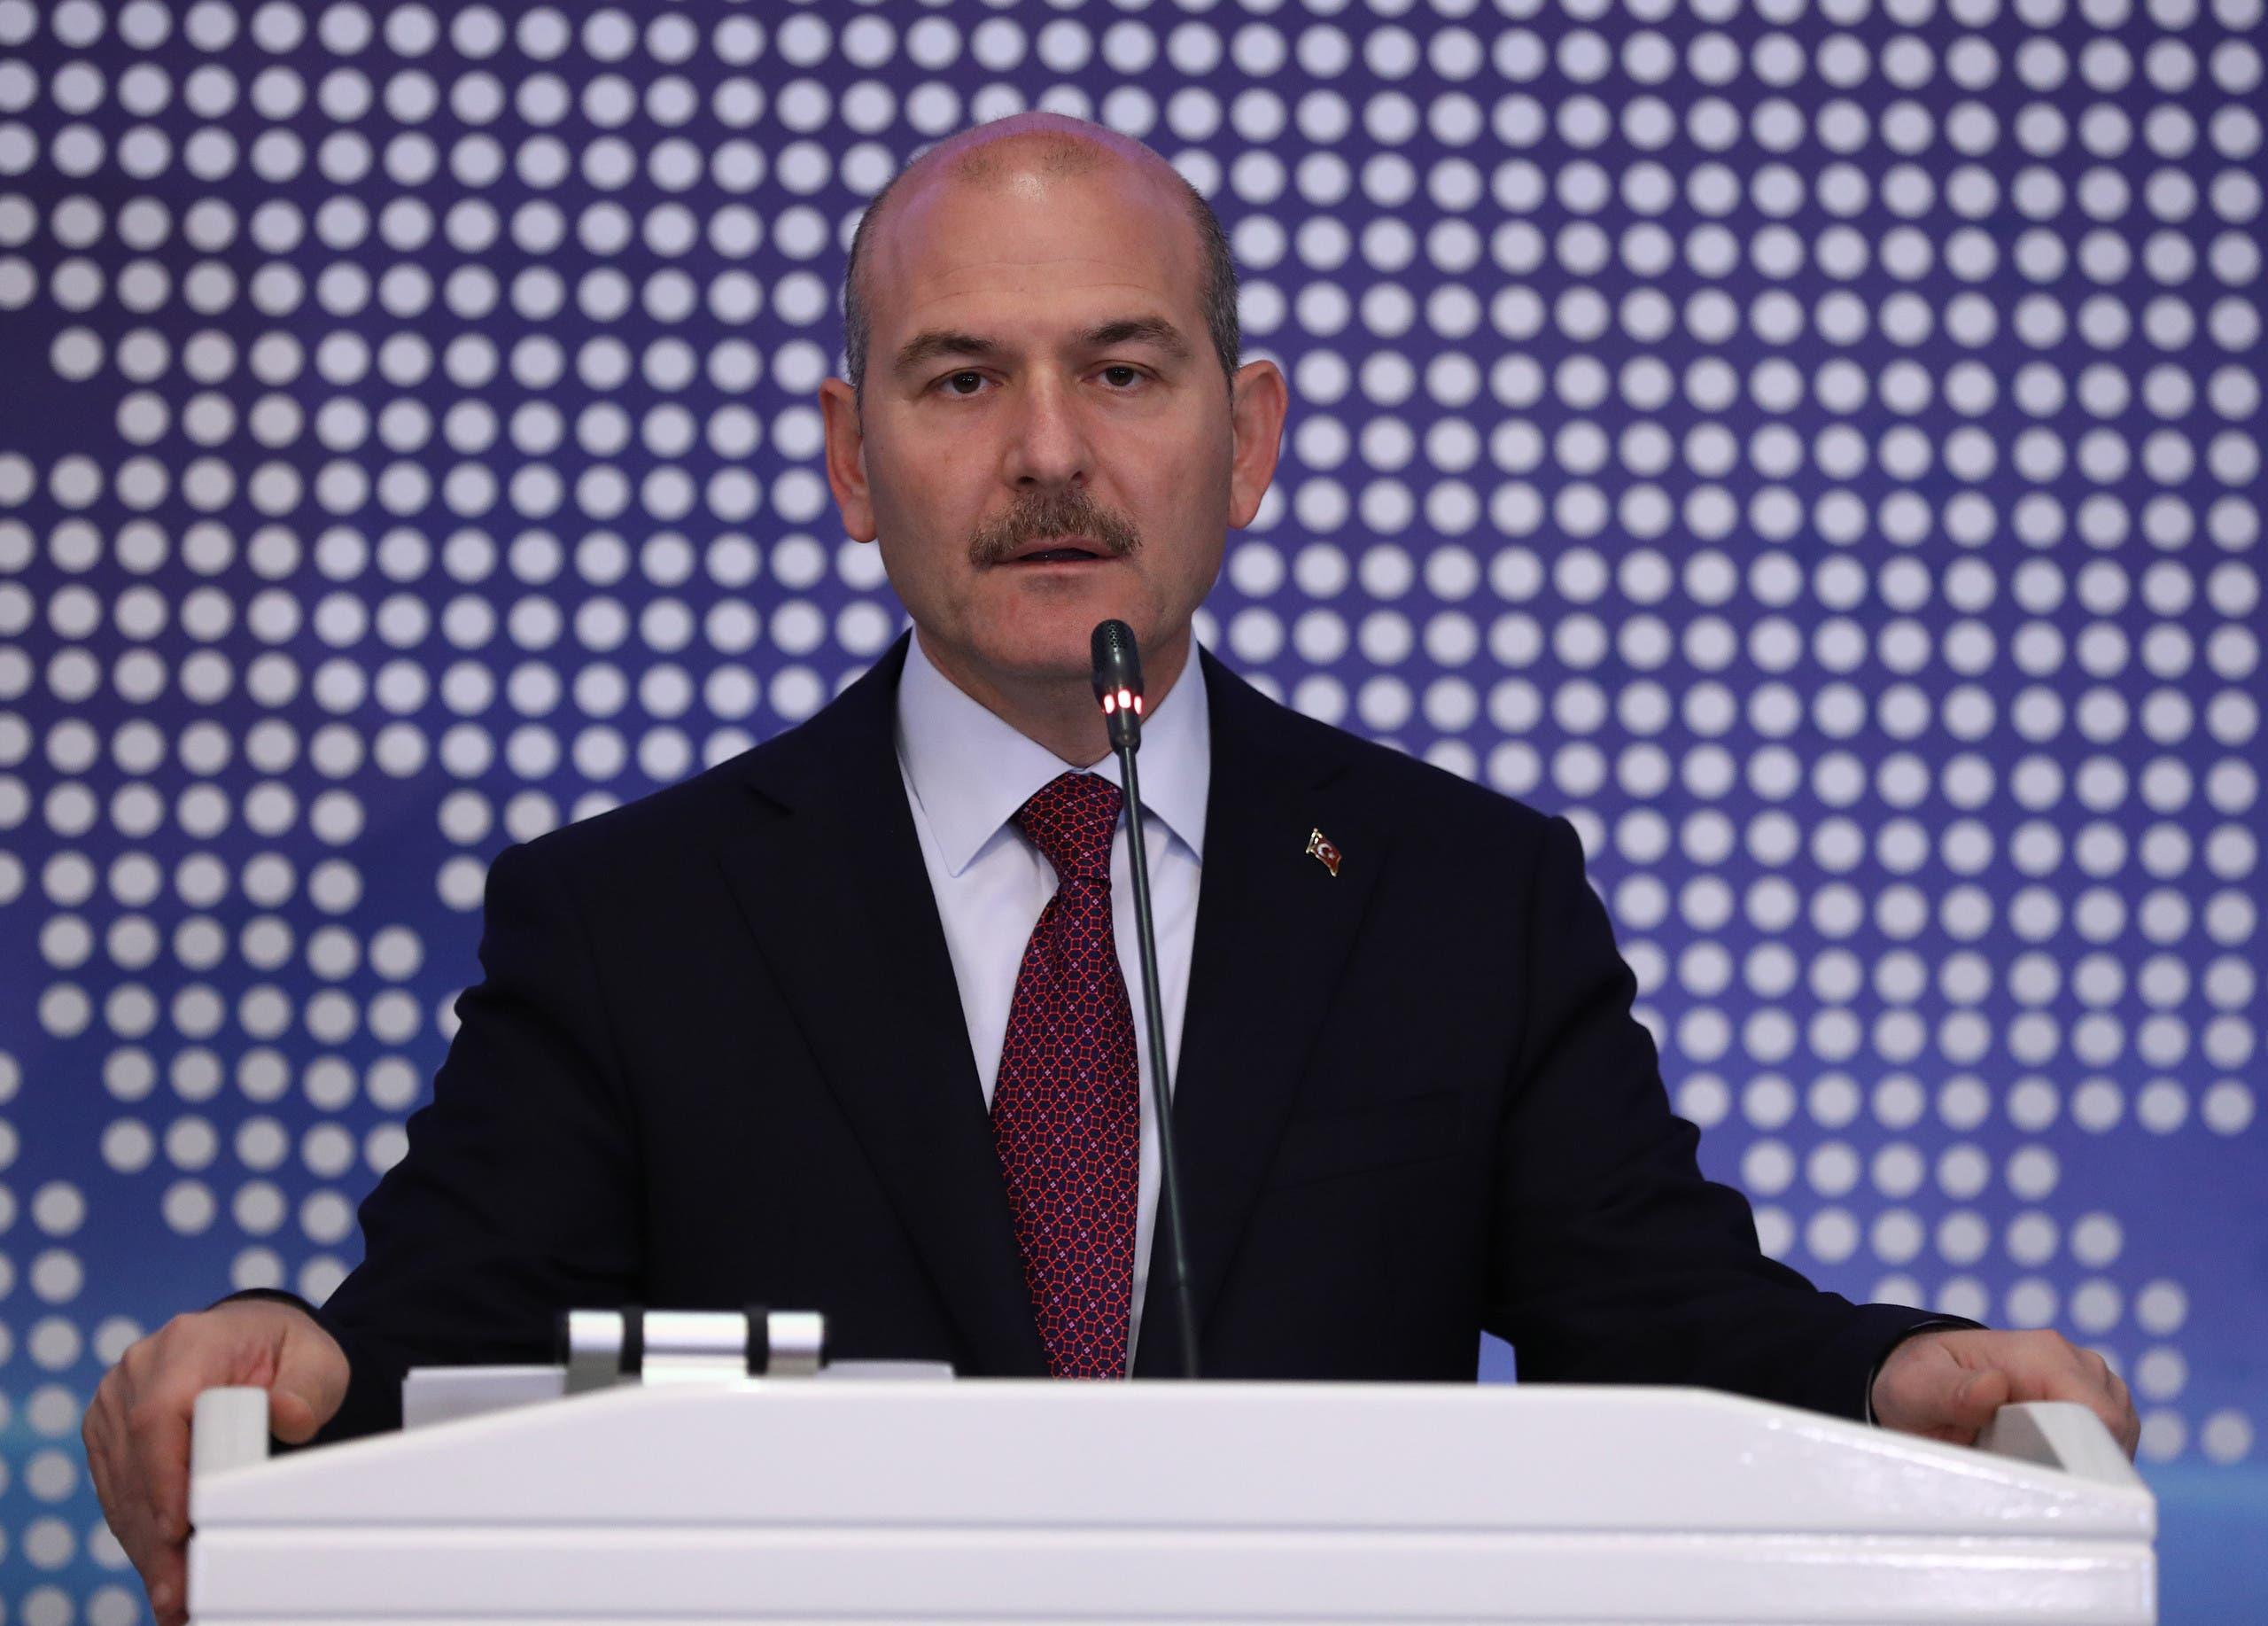 وزير الداخلية التركي سليمان صويلو (أرشيفية من فرانس برس)